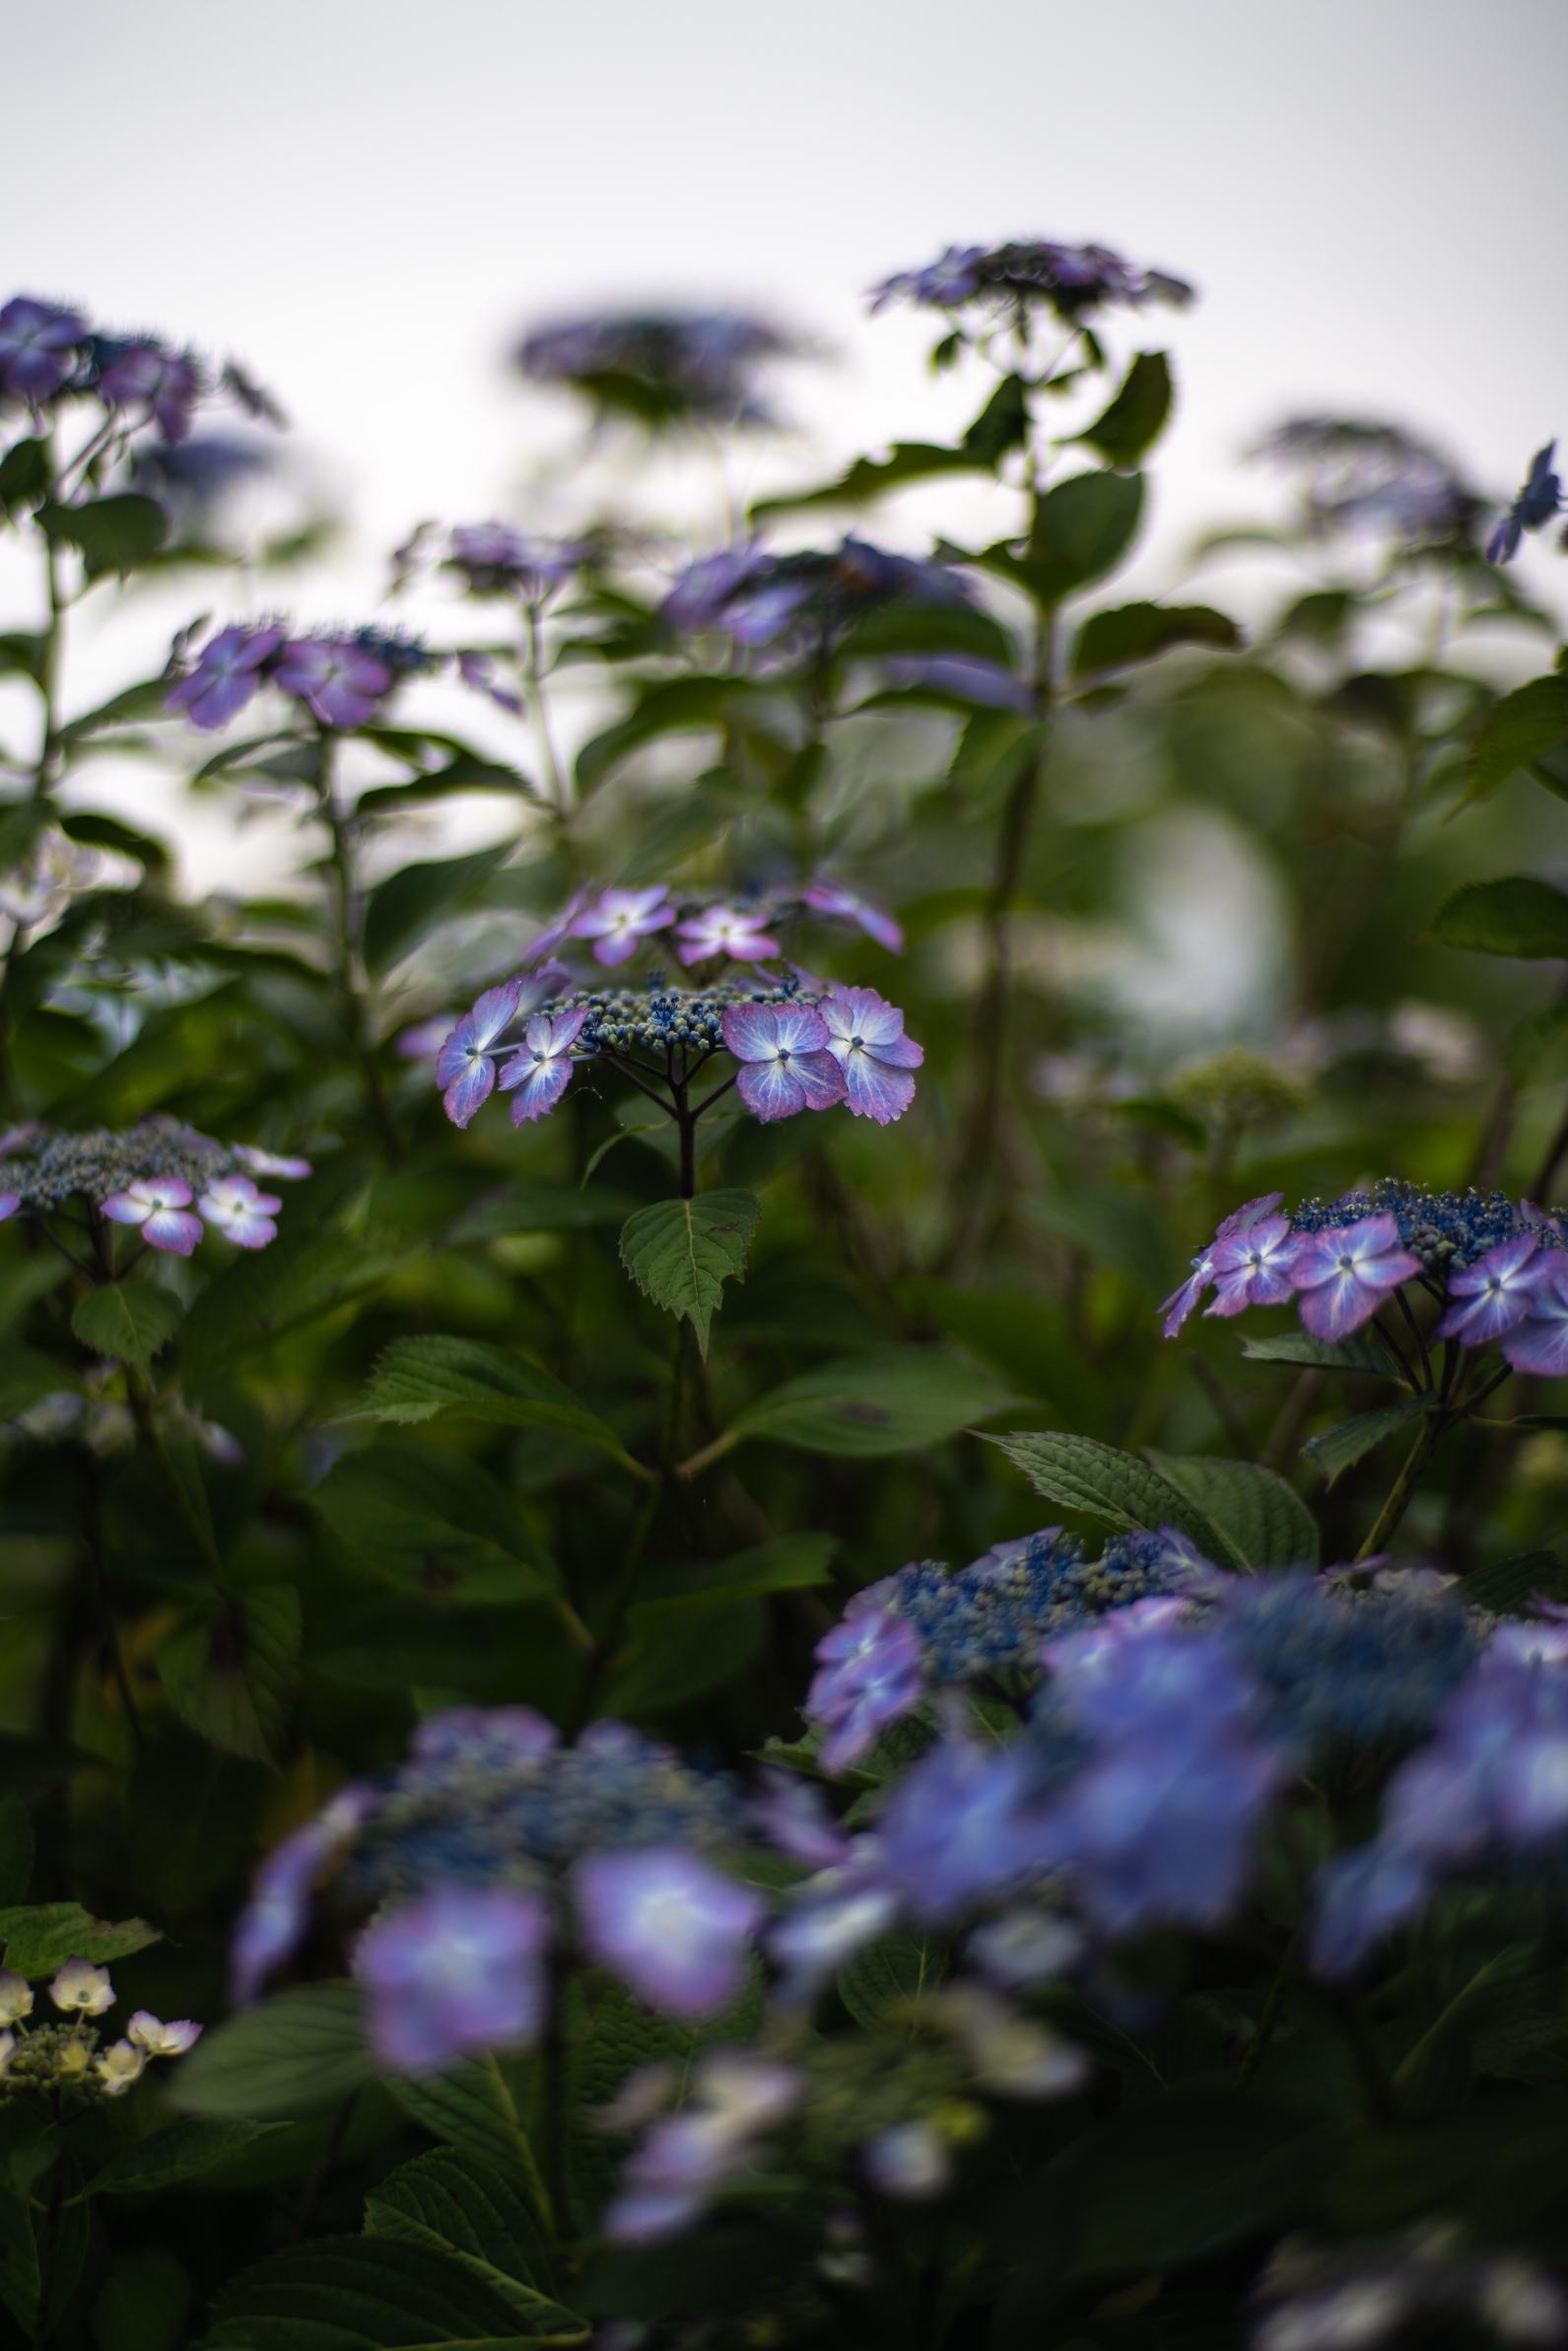 2020.06.21 秩父美の山公園 紫陽花-10.jpg